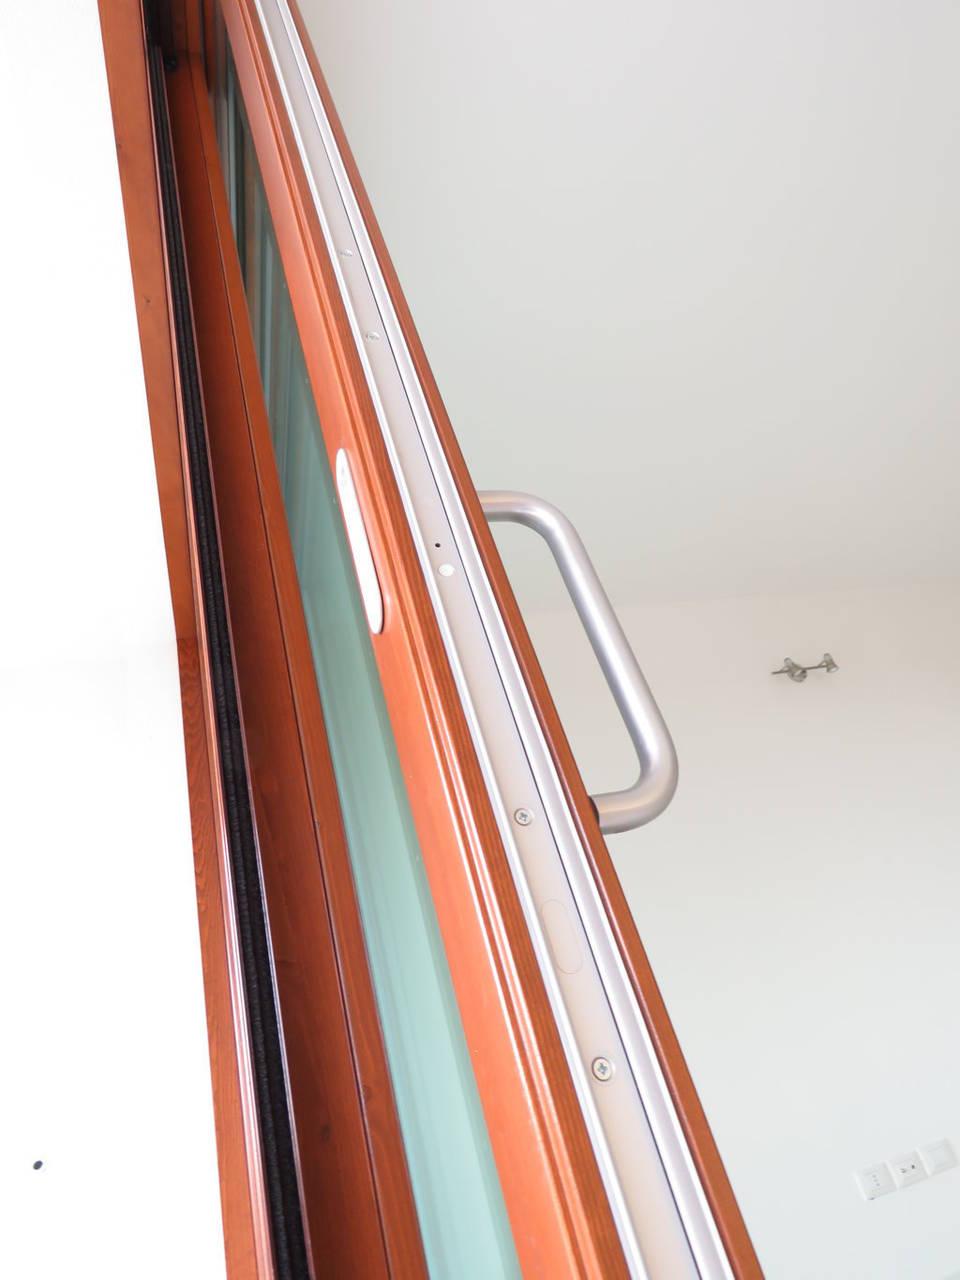 Case-nuove-in-vendita-in-Burago-di-Molgora-Monza-Brianza-13